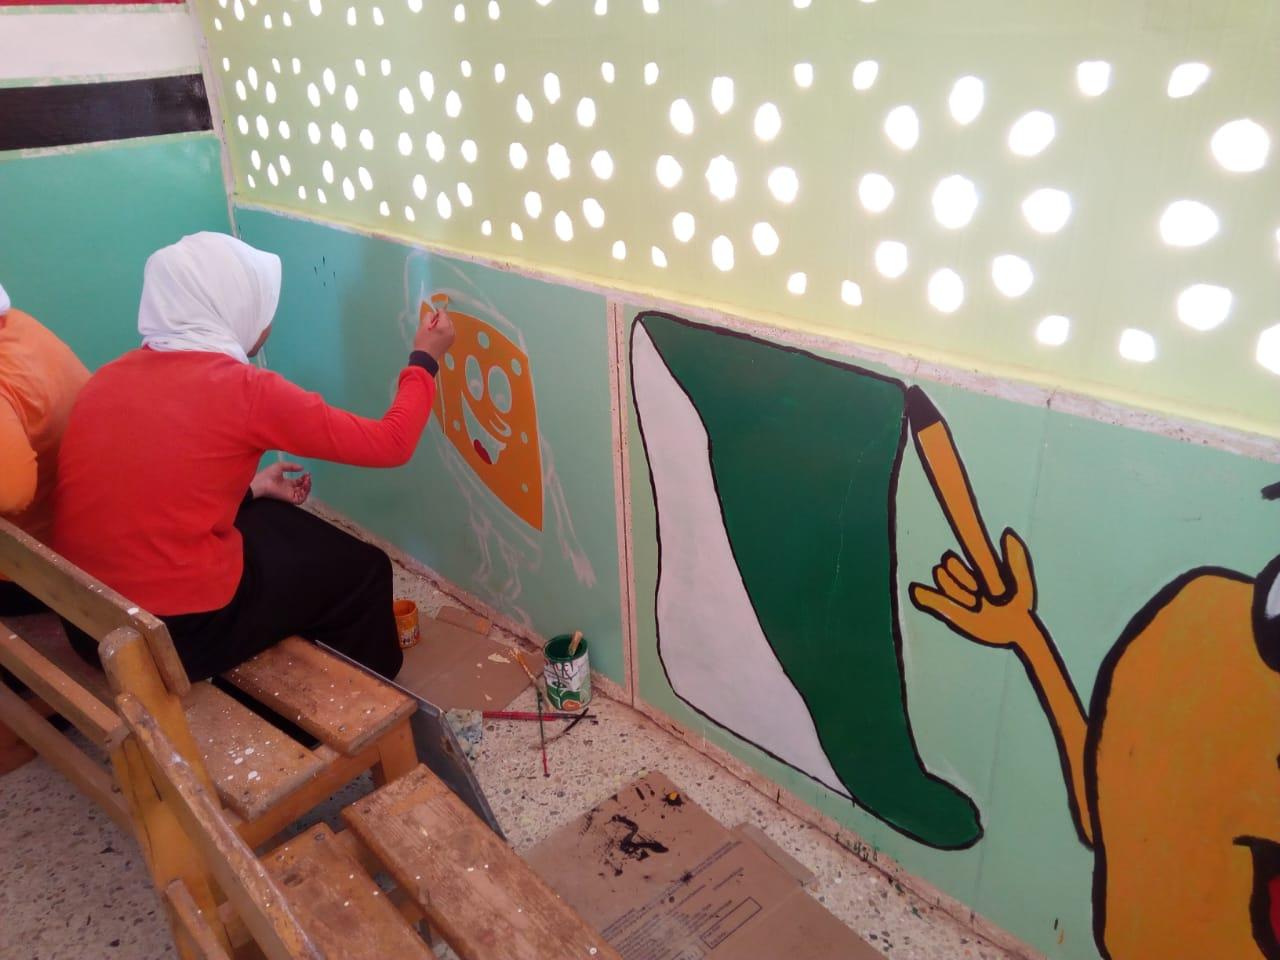 طالبات مدرسة موط الفنية ينفذن مبادرة تجميل أسوار المدارس بلوحات جدارية (3)